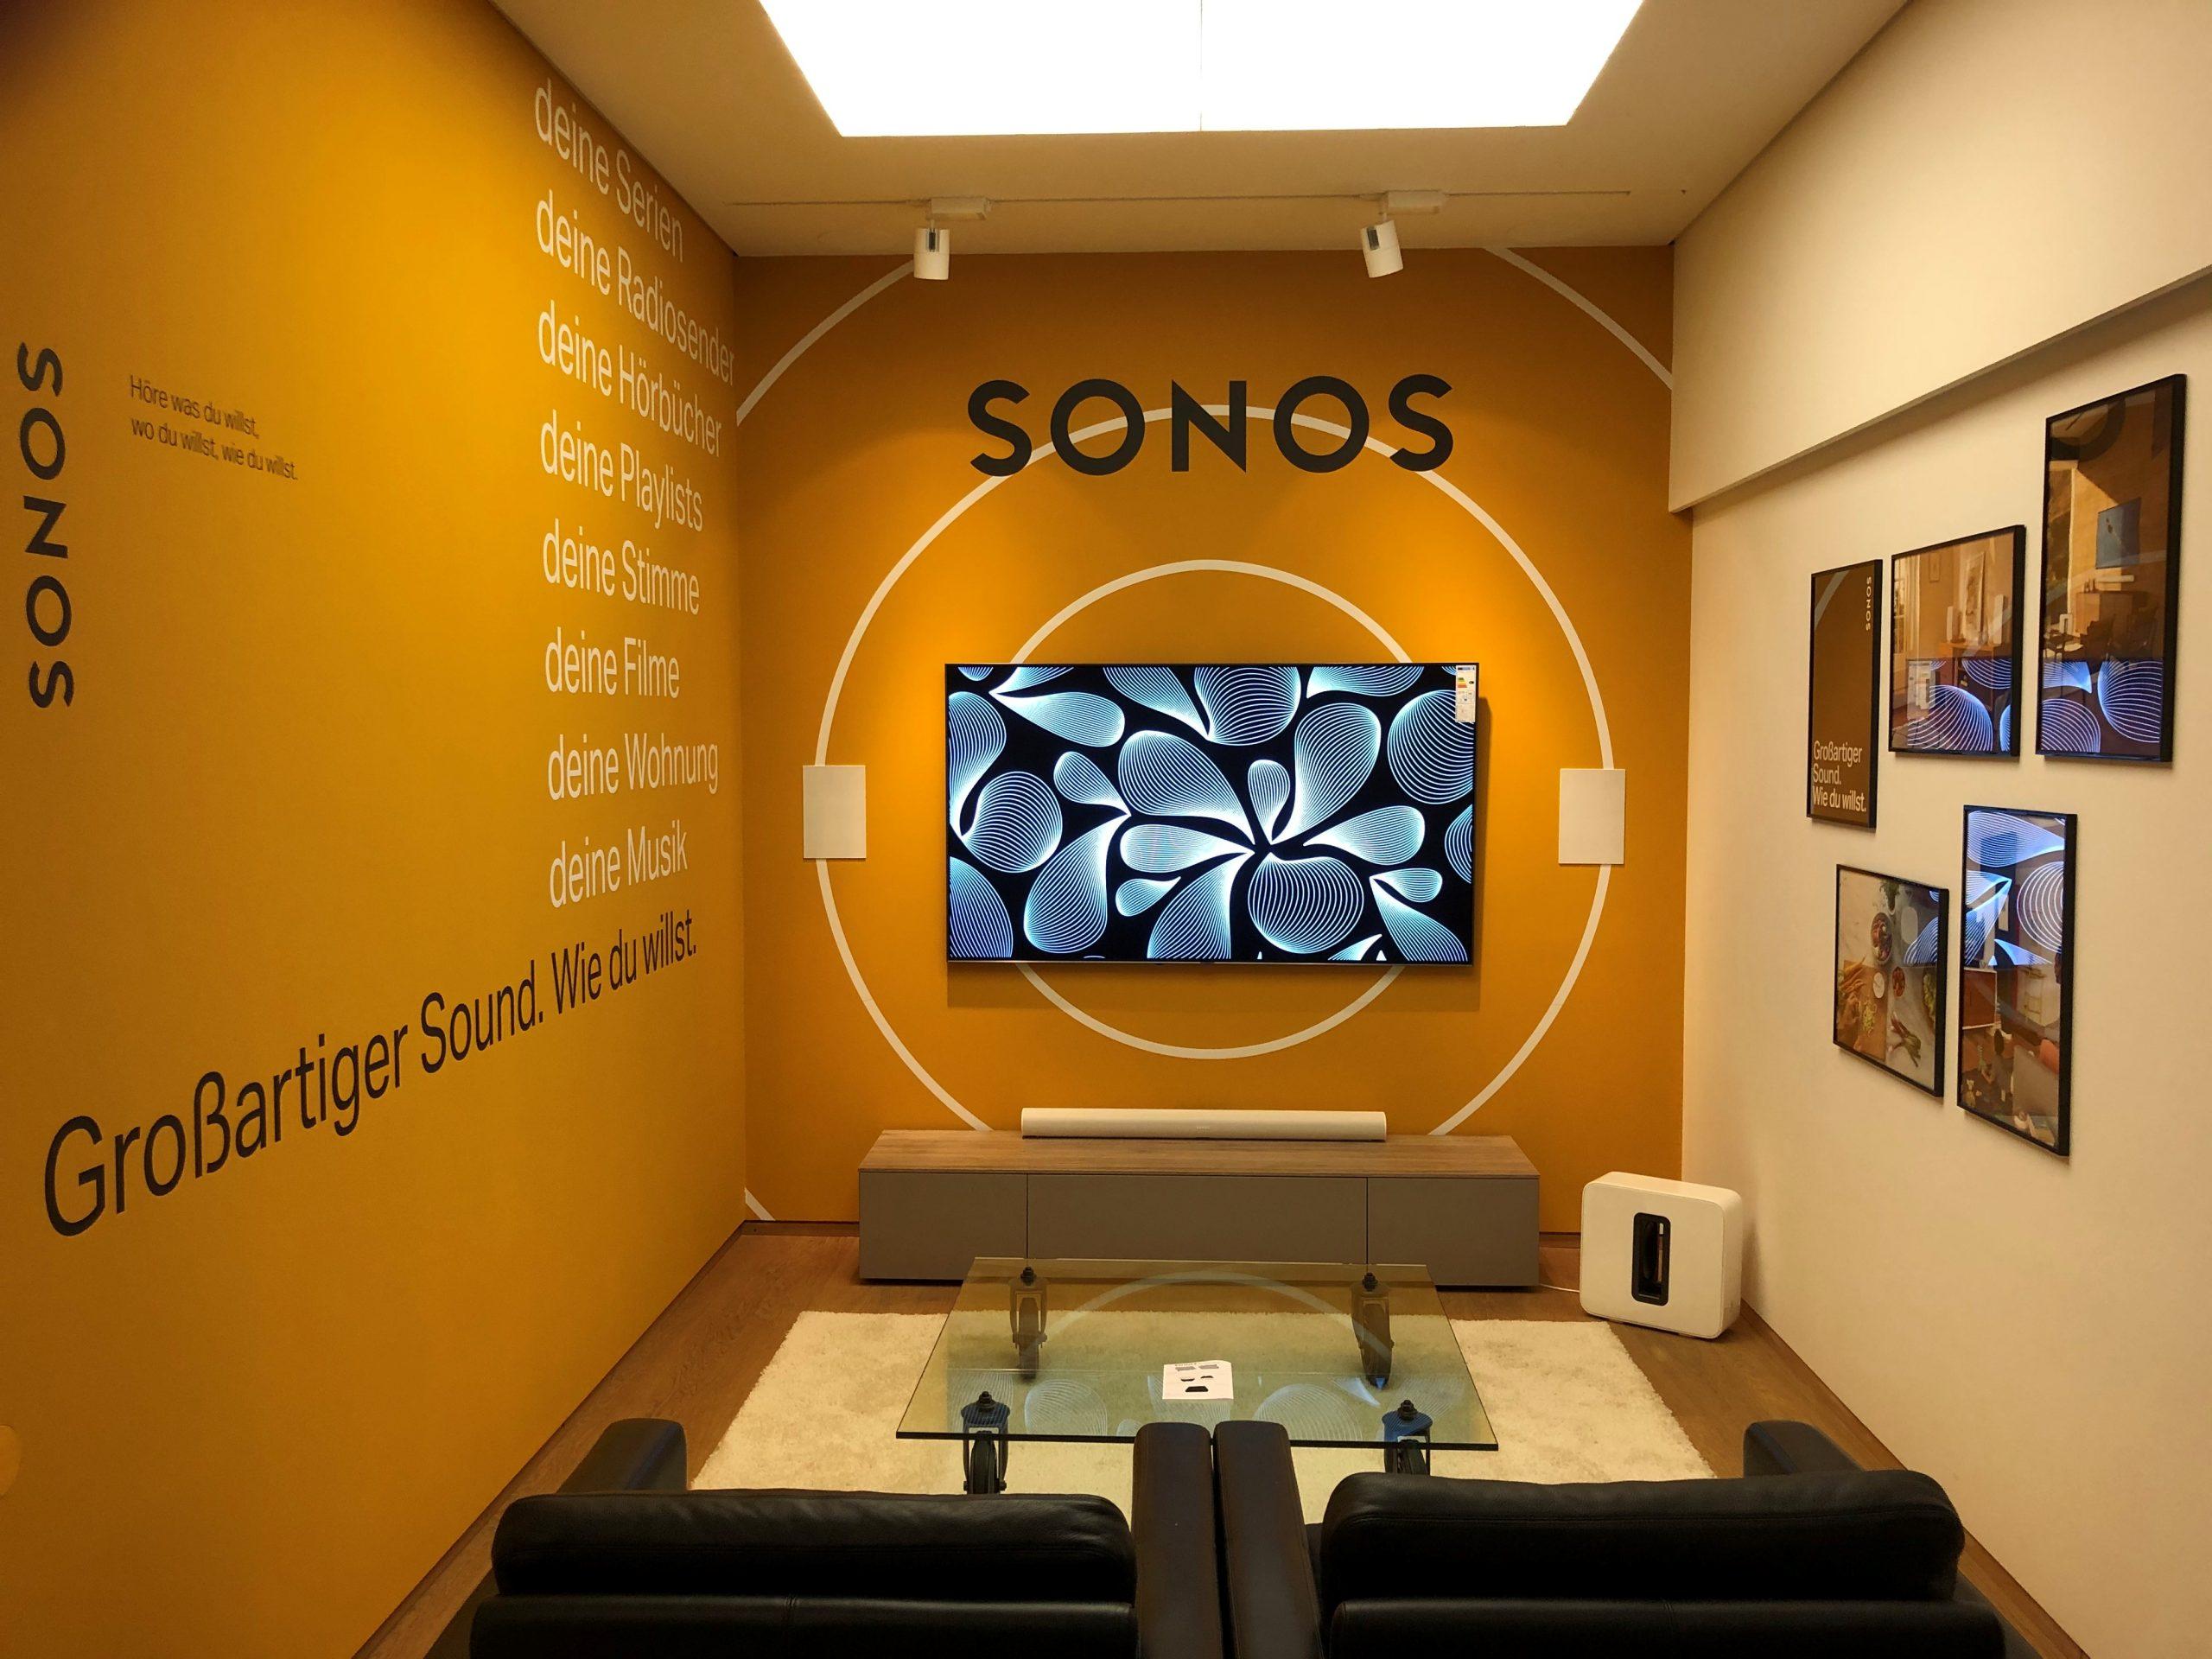 Das Neue SONOS Hörstudio! Exklusiv in den Reisenberger Galerien München.